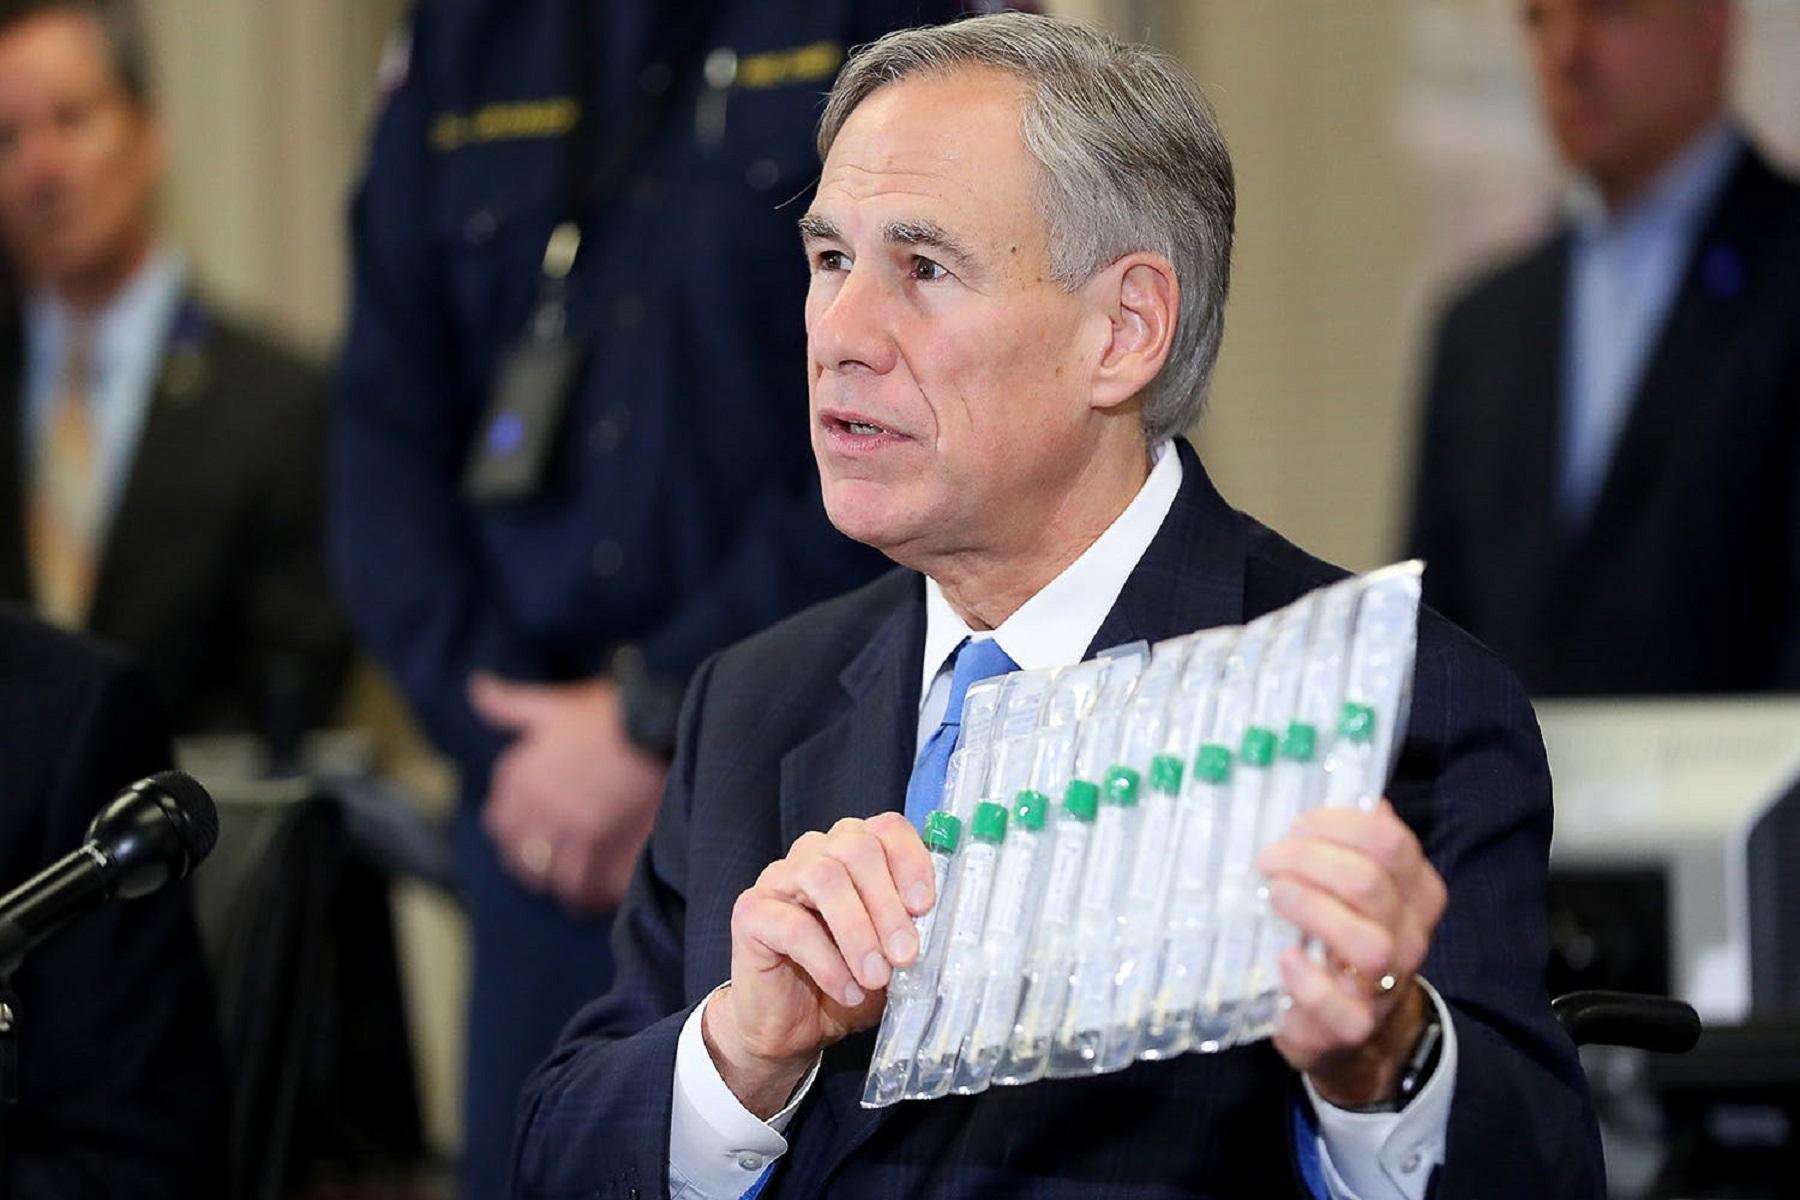 Κυβερνήτης του Τέξας: Το άνοιγμα της οικονομίας ήταν «σωστή κίνηση» – Το αποδεικνύουν οι αριθμοί